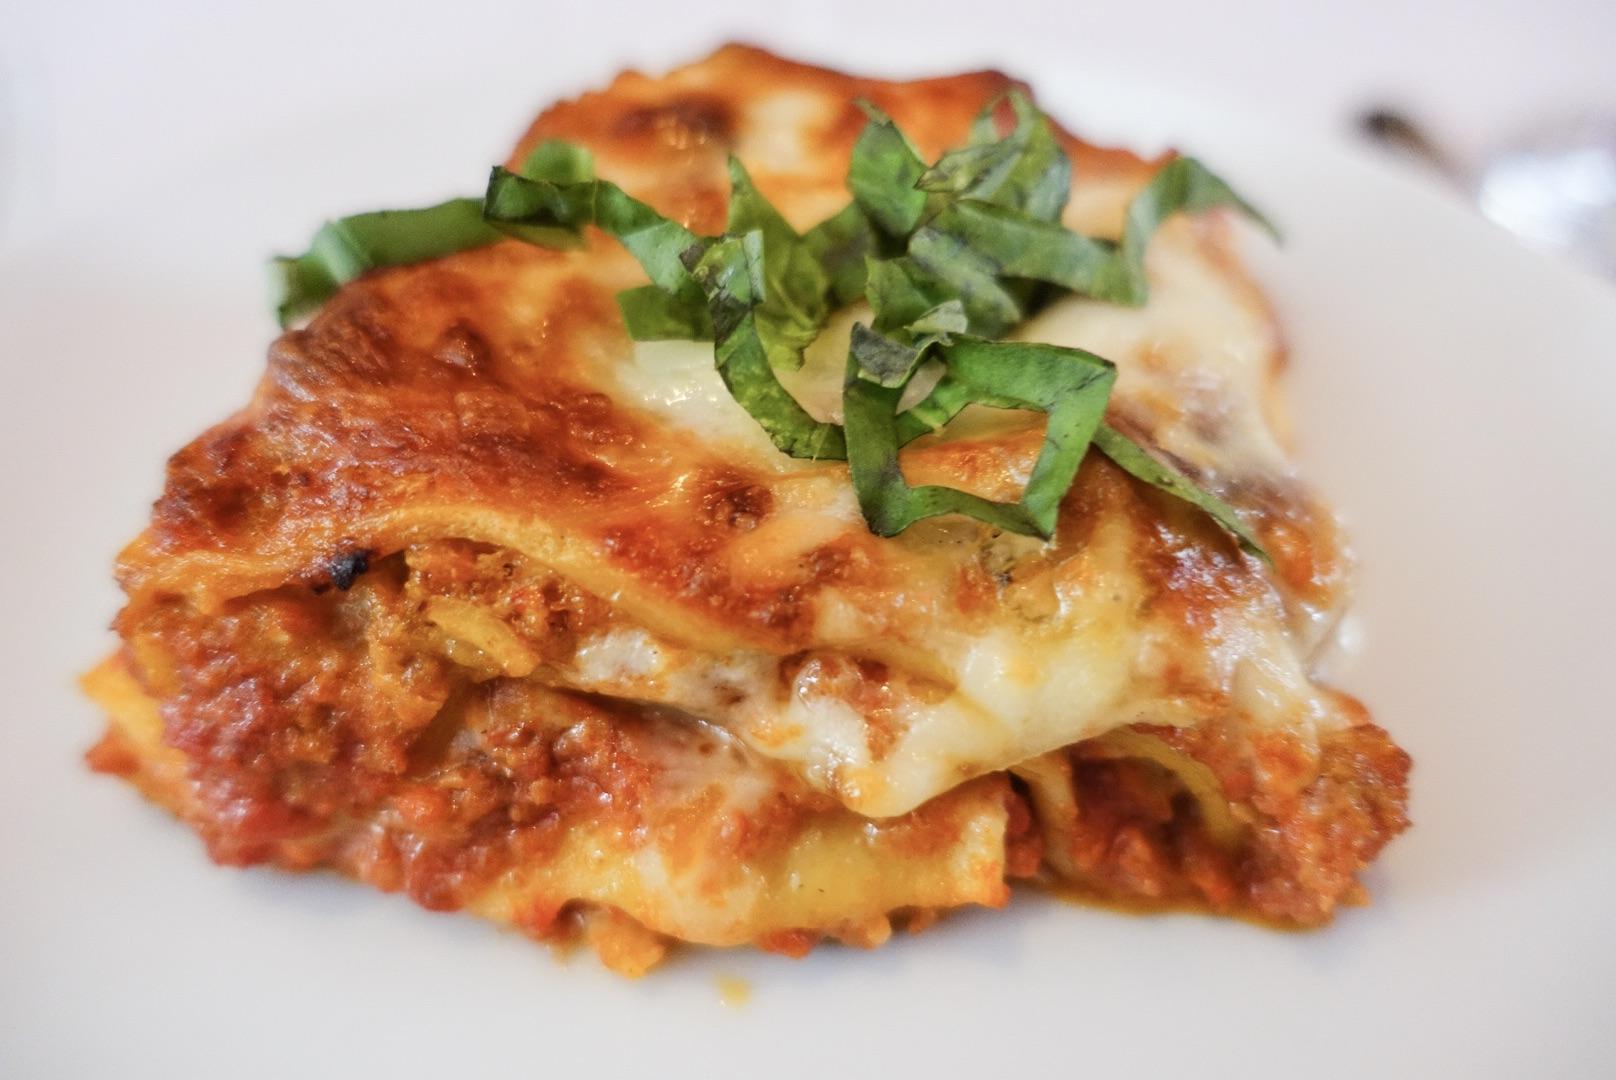 mangia-lasagna-floriana